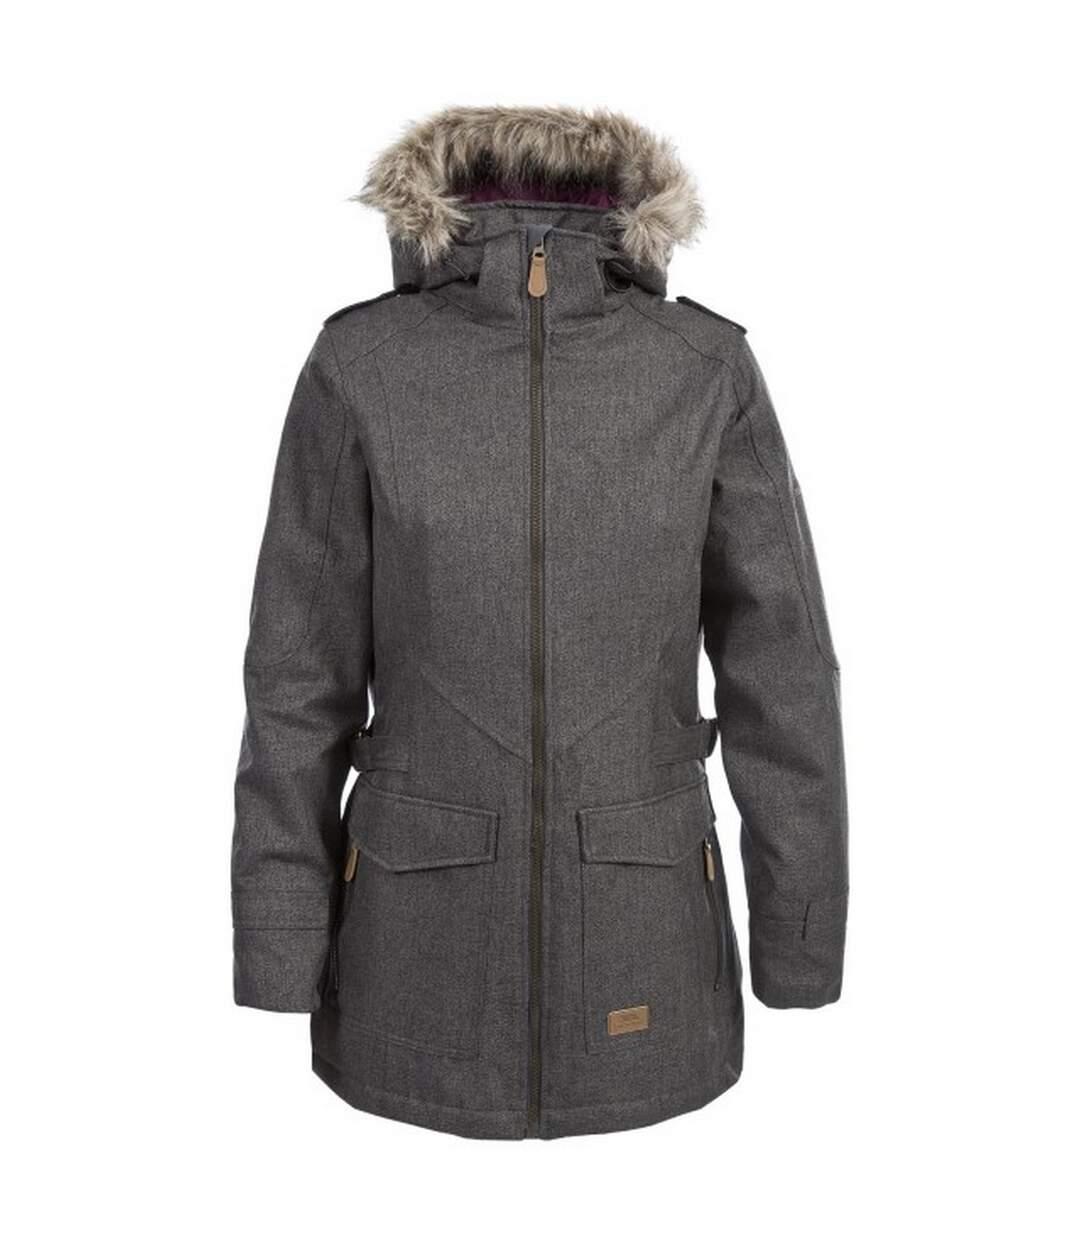 Trespass Womens/Ladies Everyday Waterproof Jacket (Khaki) - UTTP4437